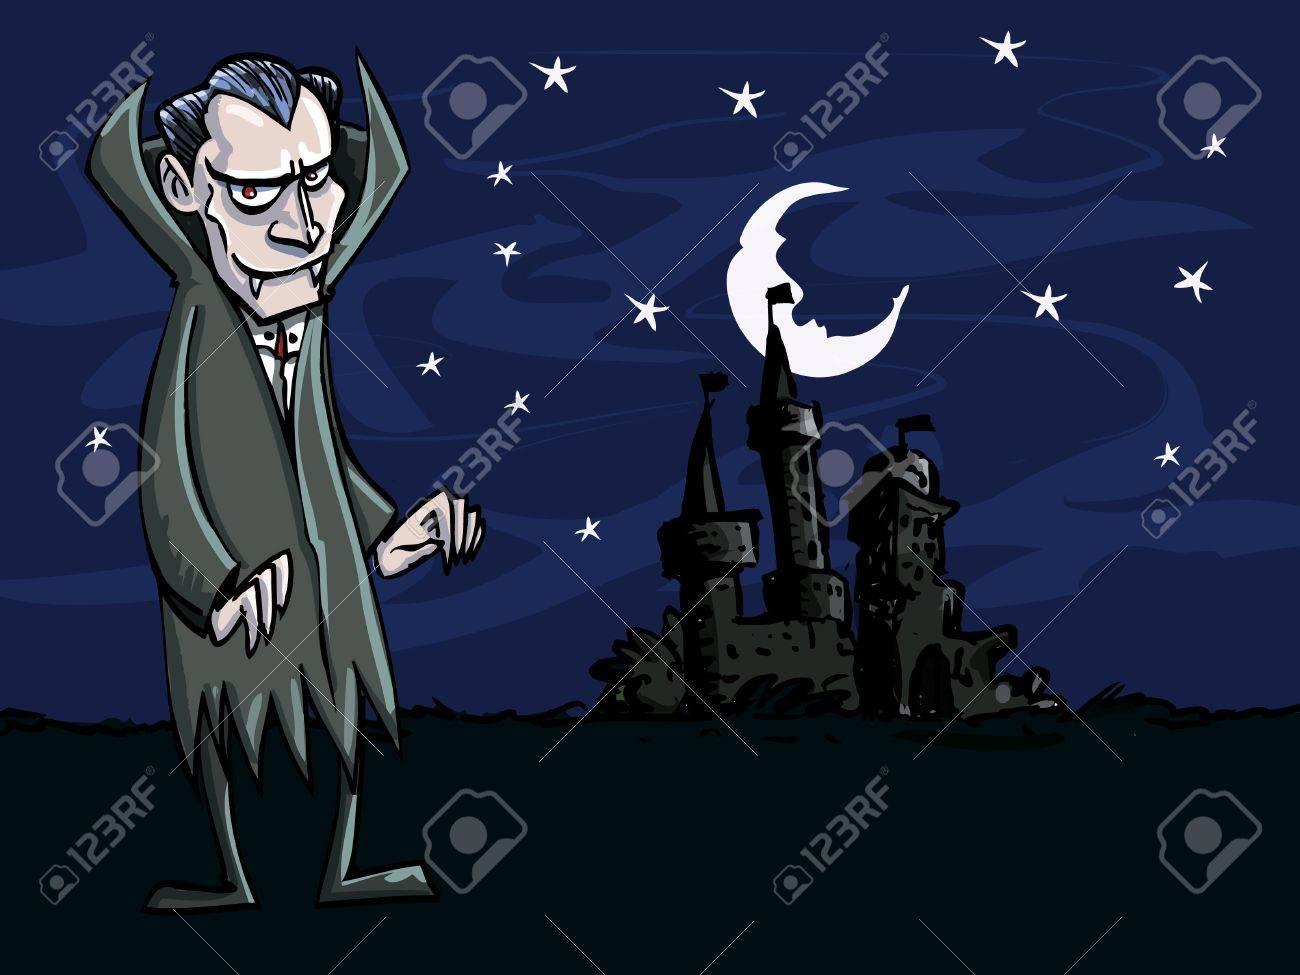 Vettoriale cartone animato di vampiro di fronte a un castello di